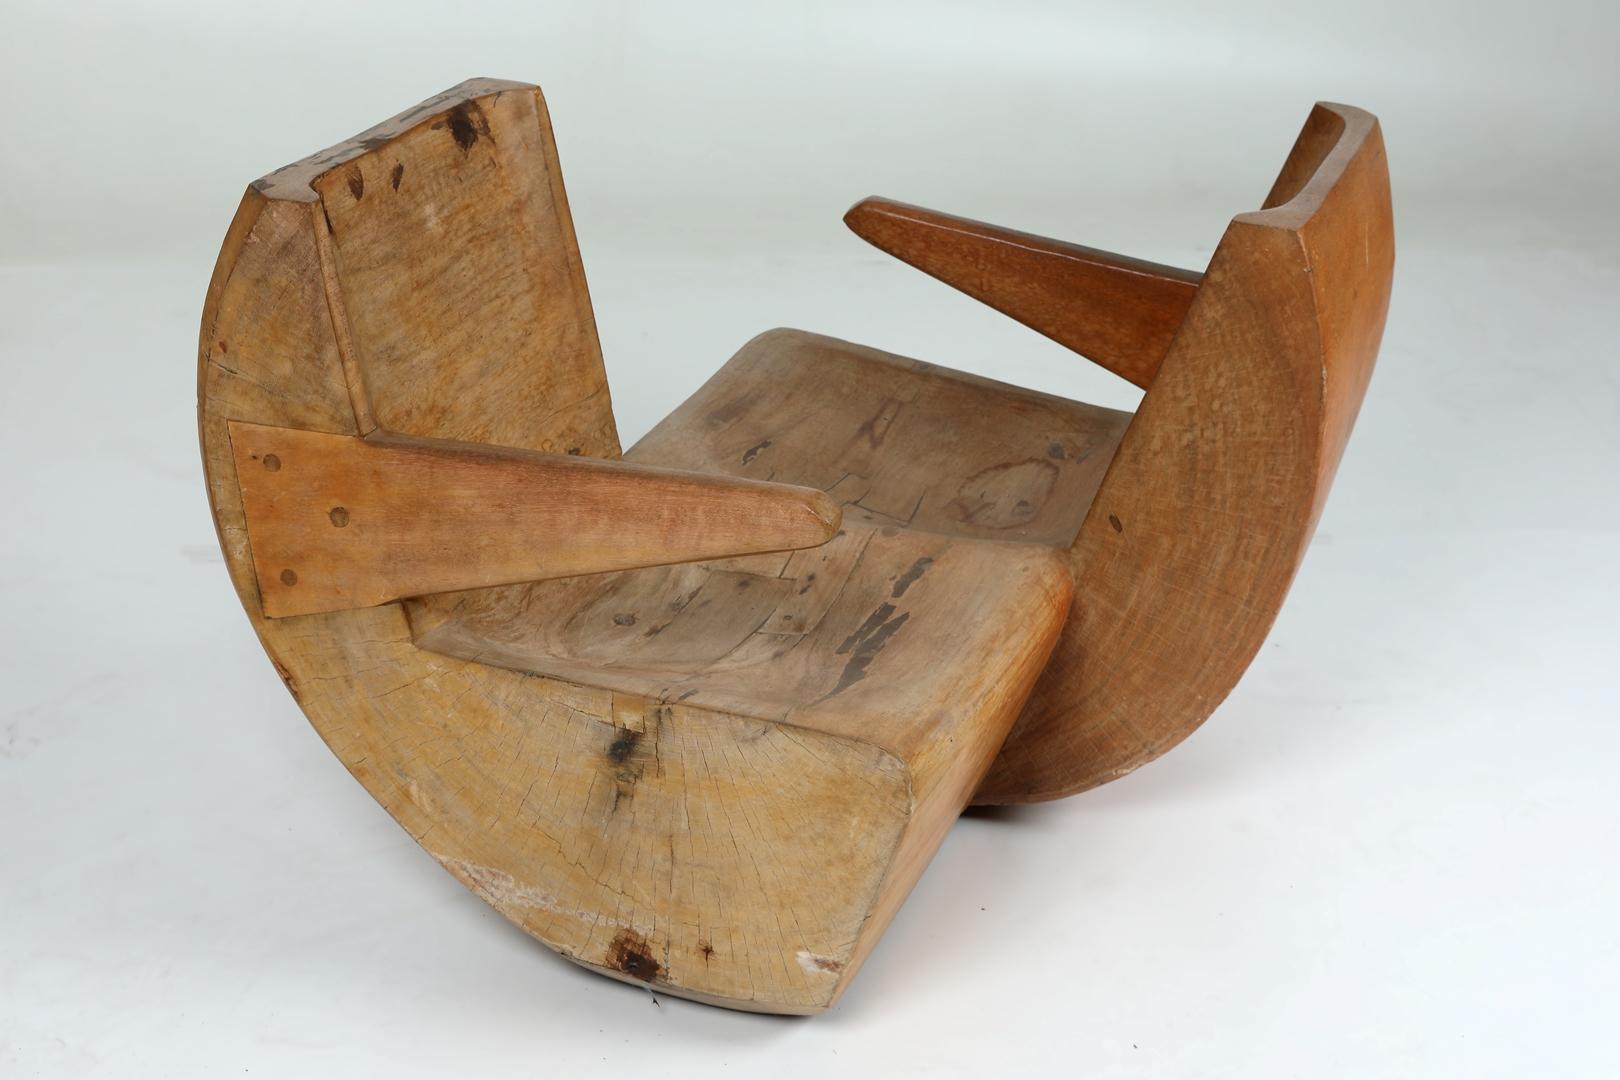 'Namoradeira' rocking chair by Jose Zanine Caldas 1970 at Mercado Moderno courtesy of Mercado Moderno (Copy)